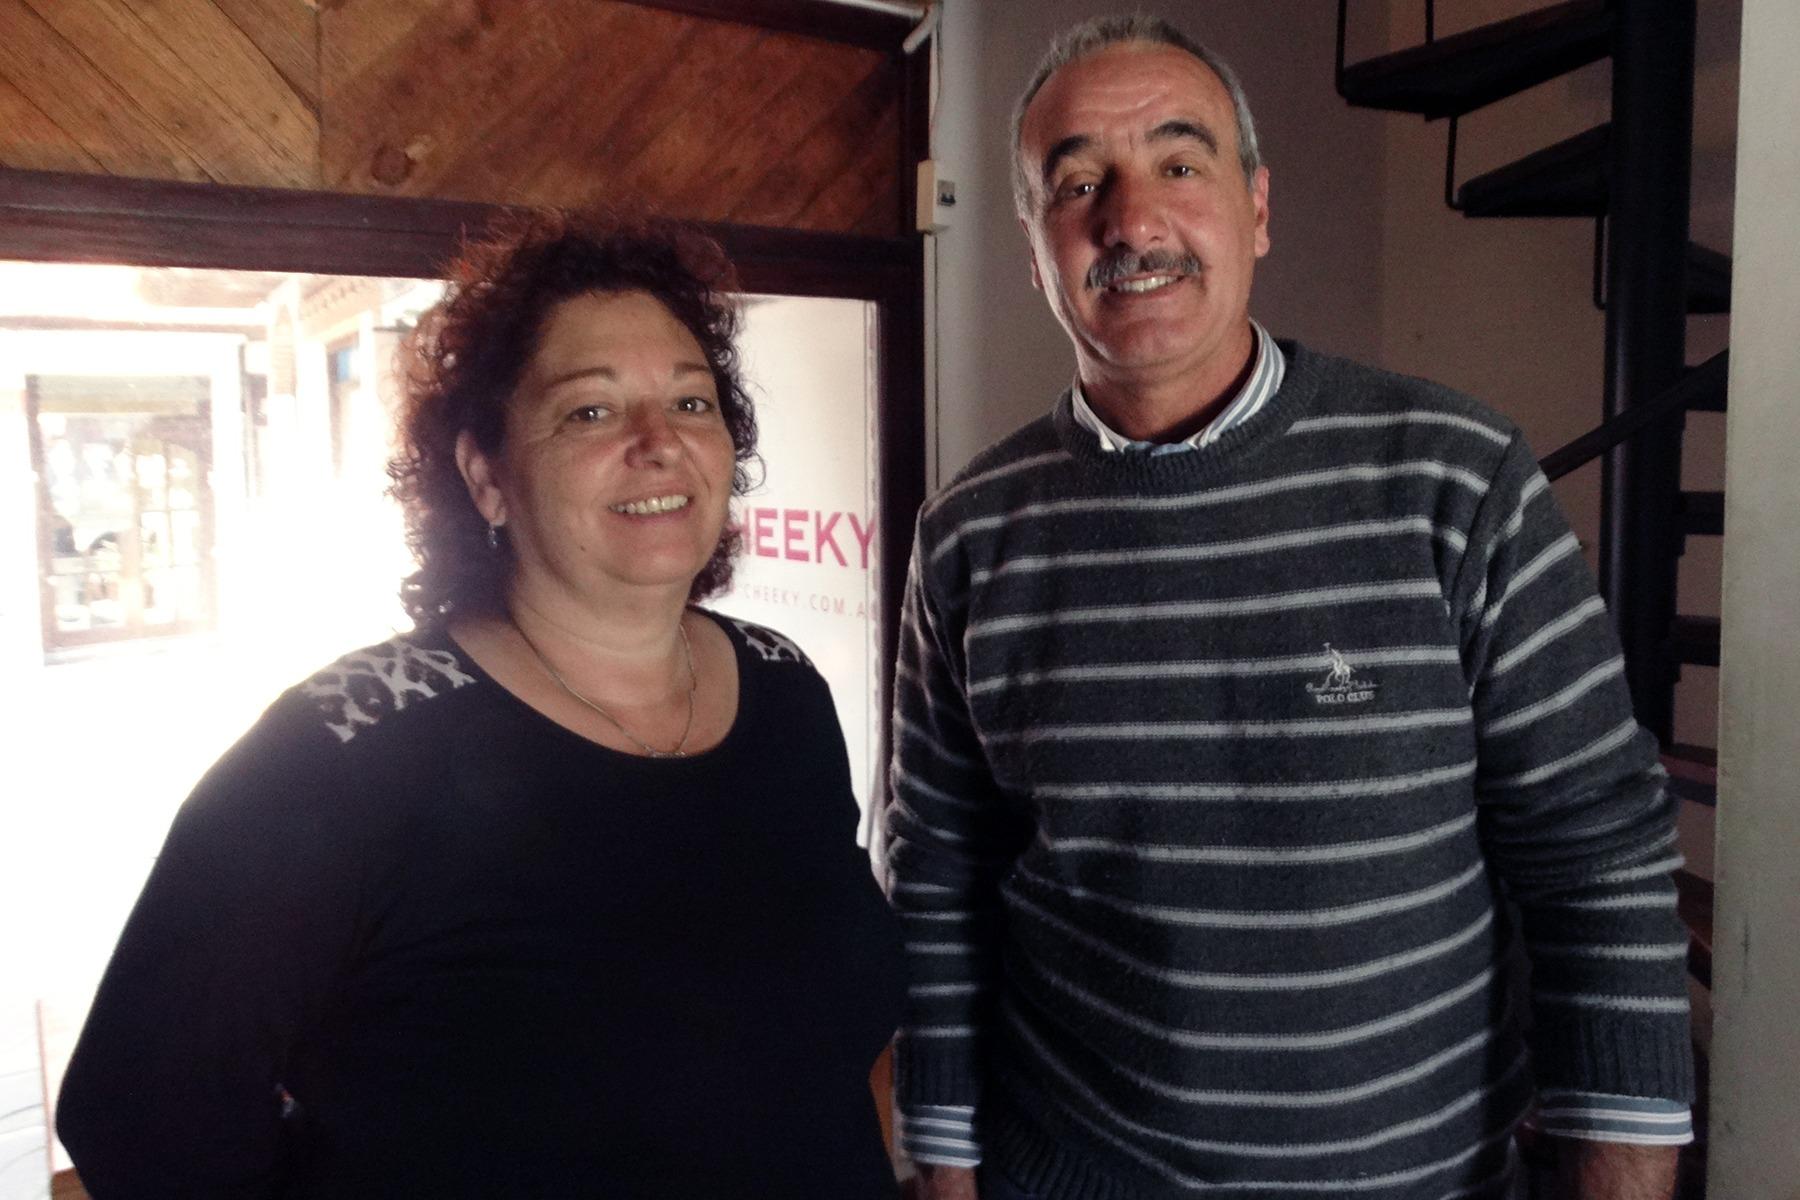 """¿Una mujer será la candidata de Propin? """"Me encantaría. Falta consensuar, tentarla"""" – Elorz"""